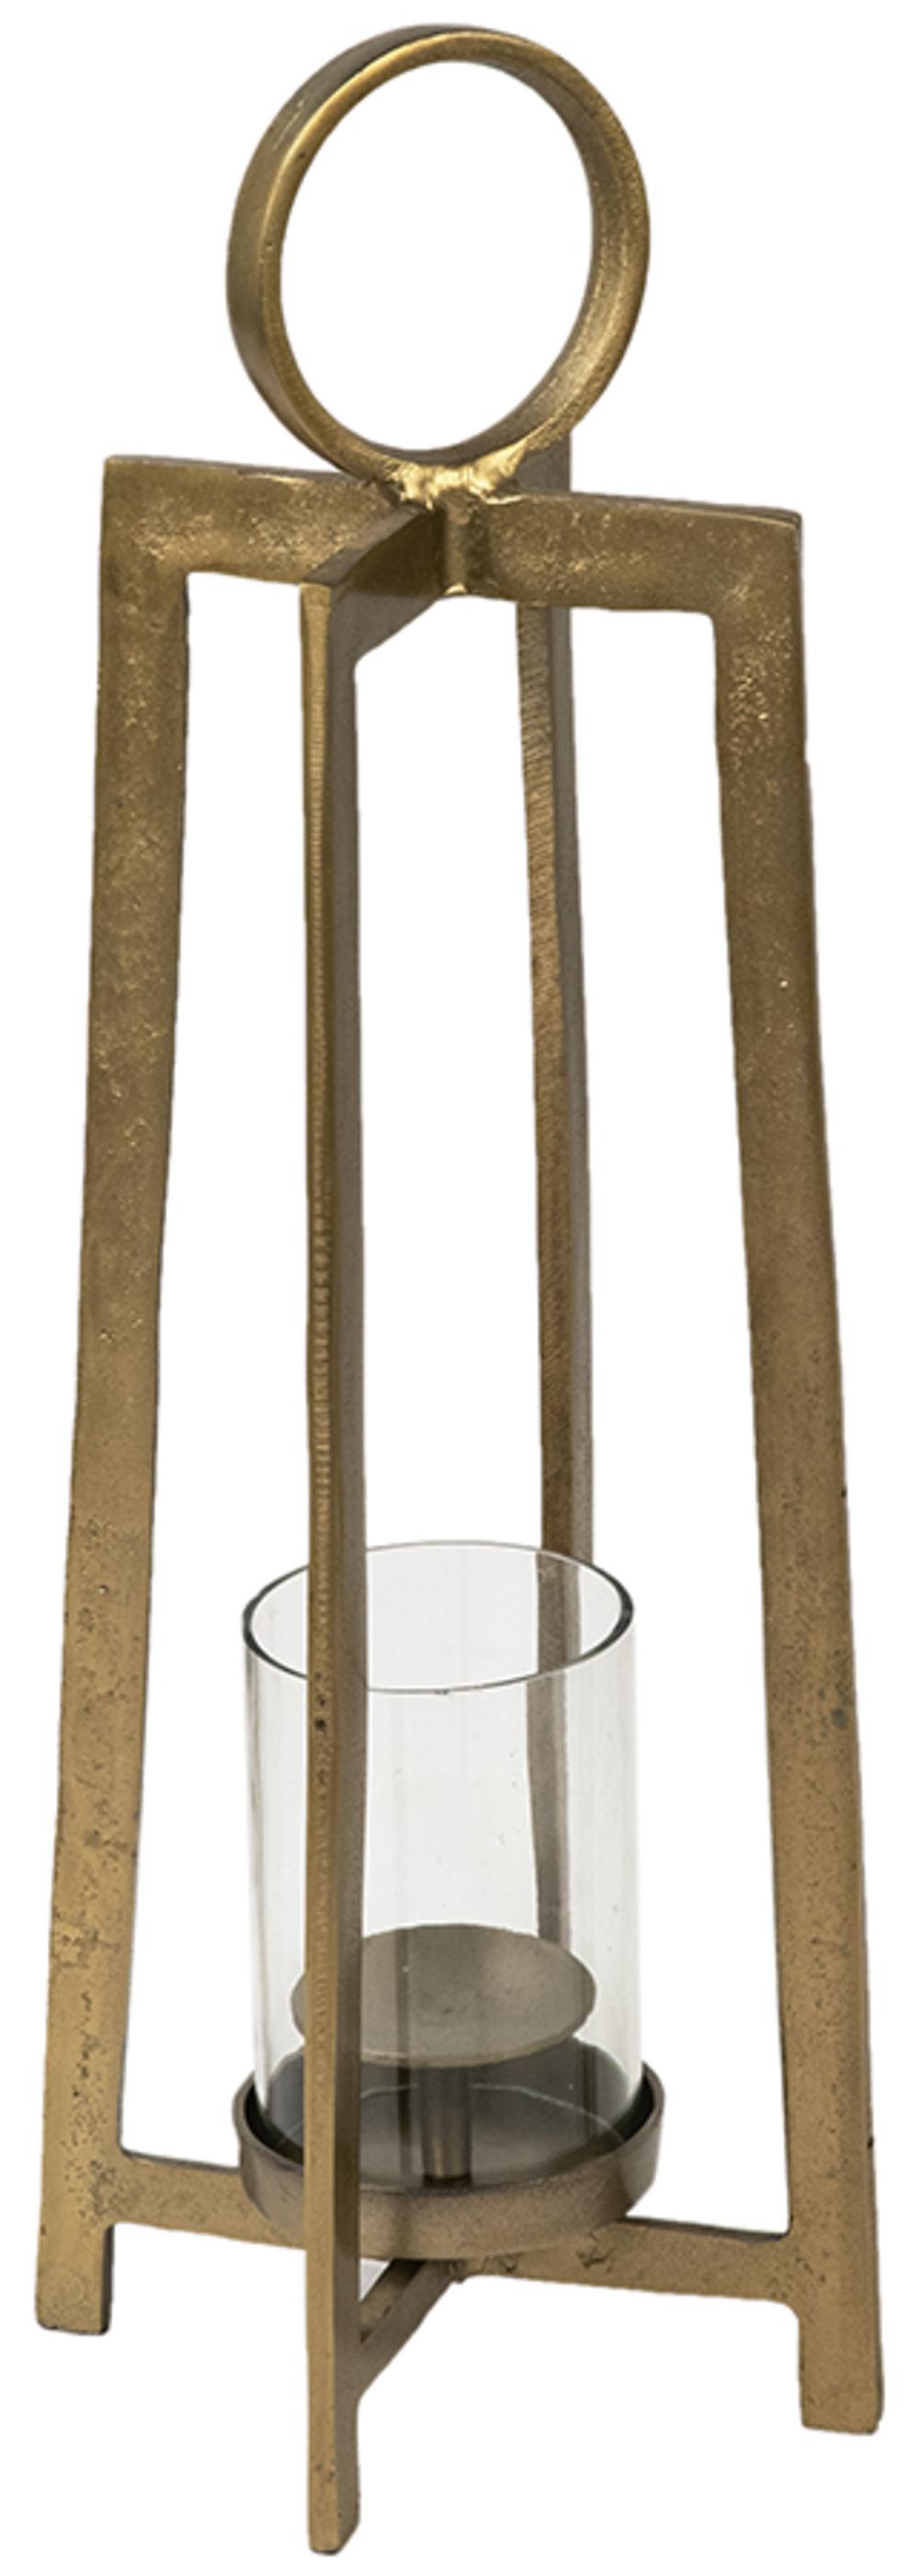 Dovetail Furniture - Lantern